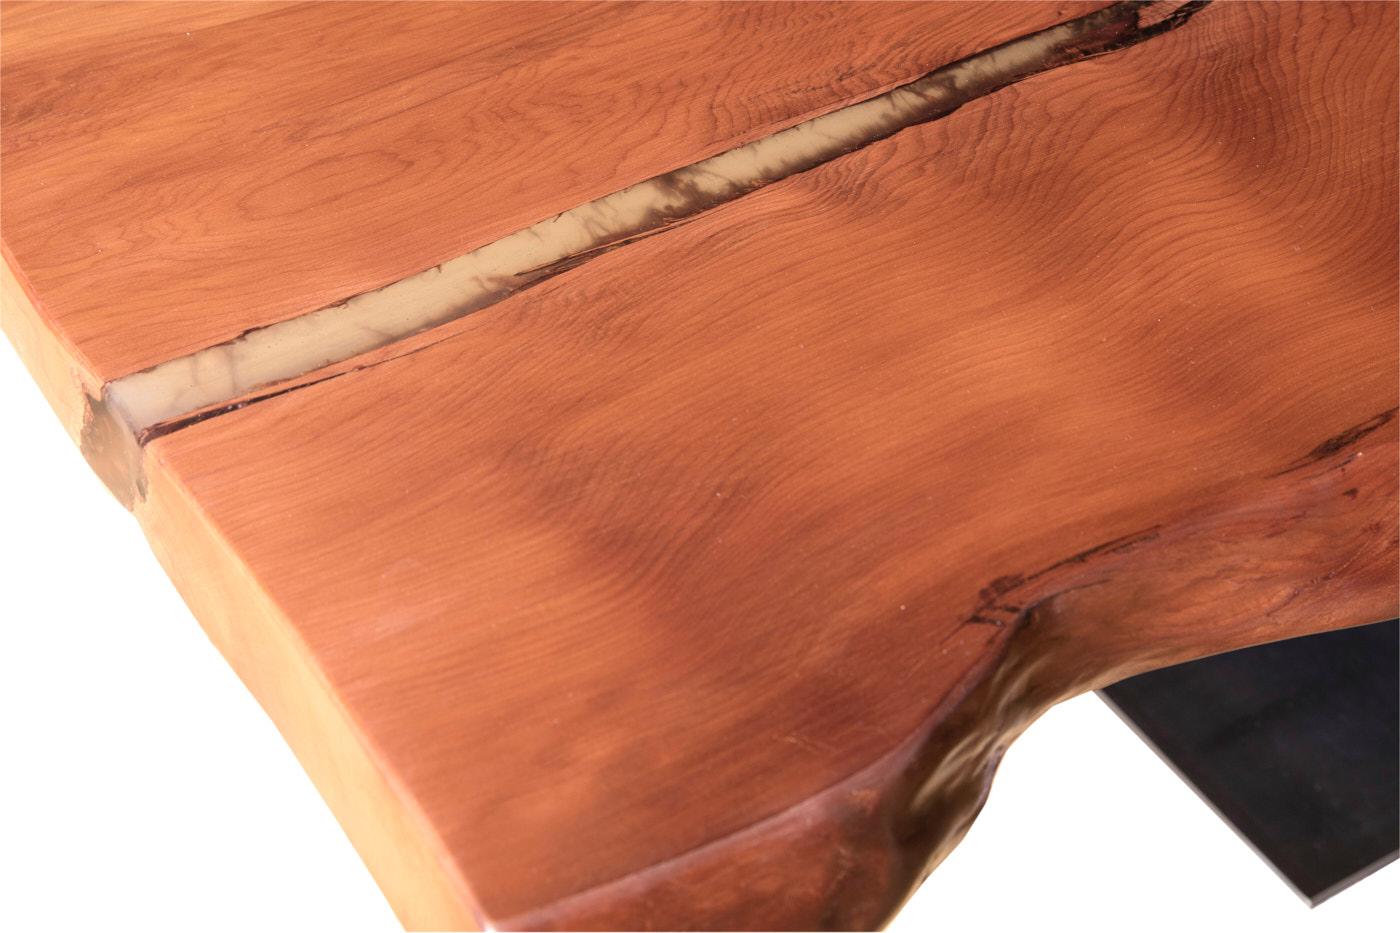 Ursprünglicher Holztisch mit archaischer Tischplatte mit Naturverwachsungen und Risse, besonderer Kauri Tisch mit Harz